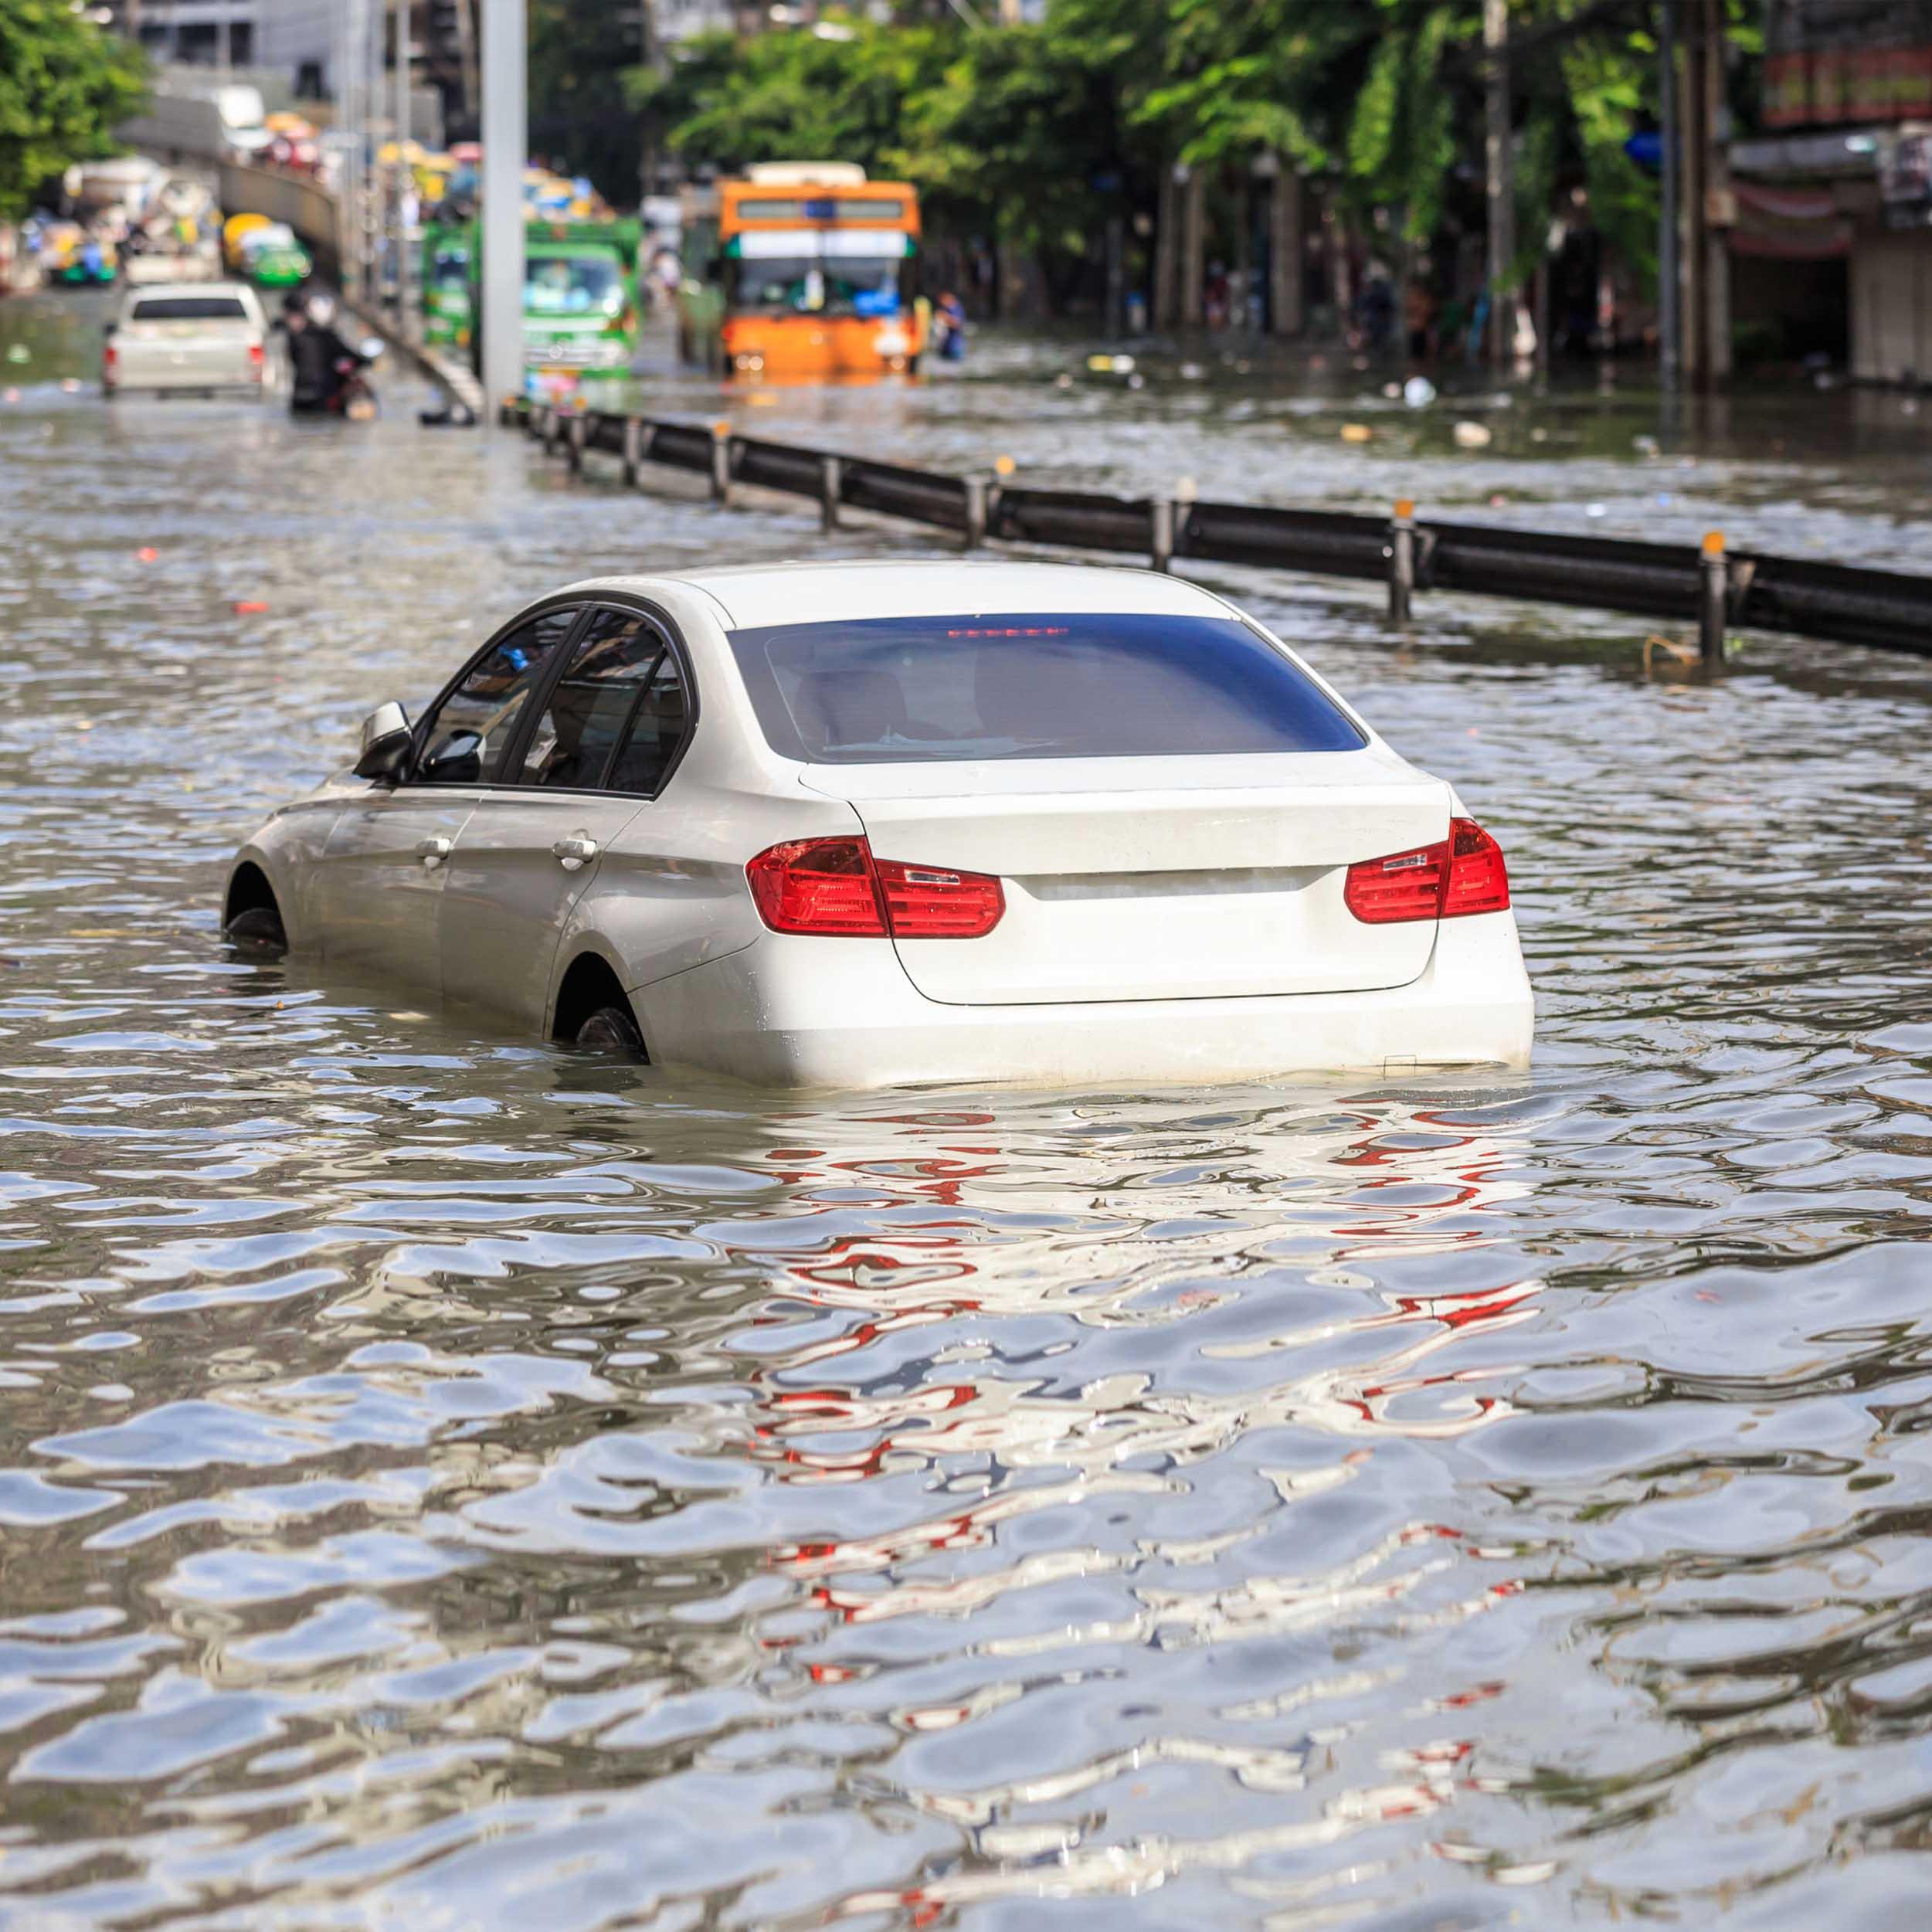 Waspada Beli Mobil Bekas Banjir, Pastikan Beli di Dealer Terpercaya